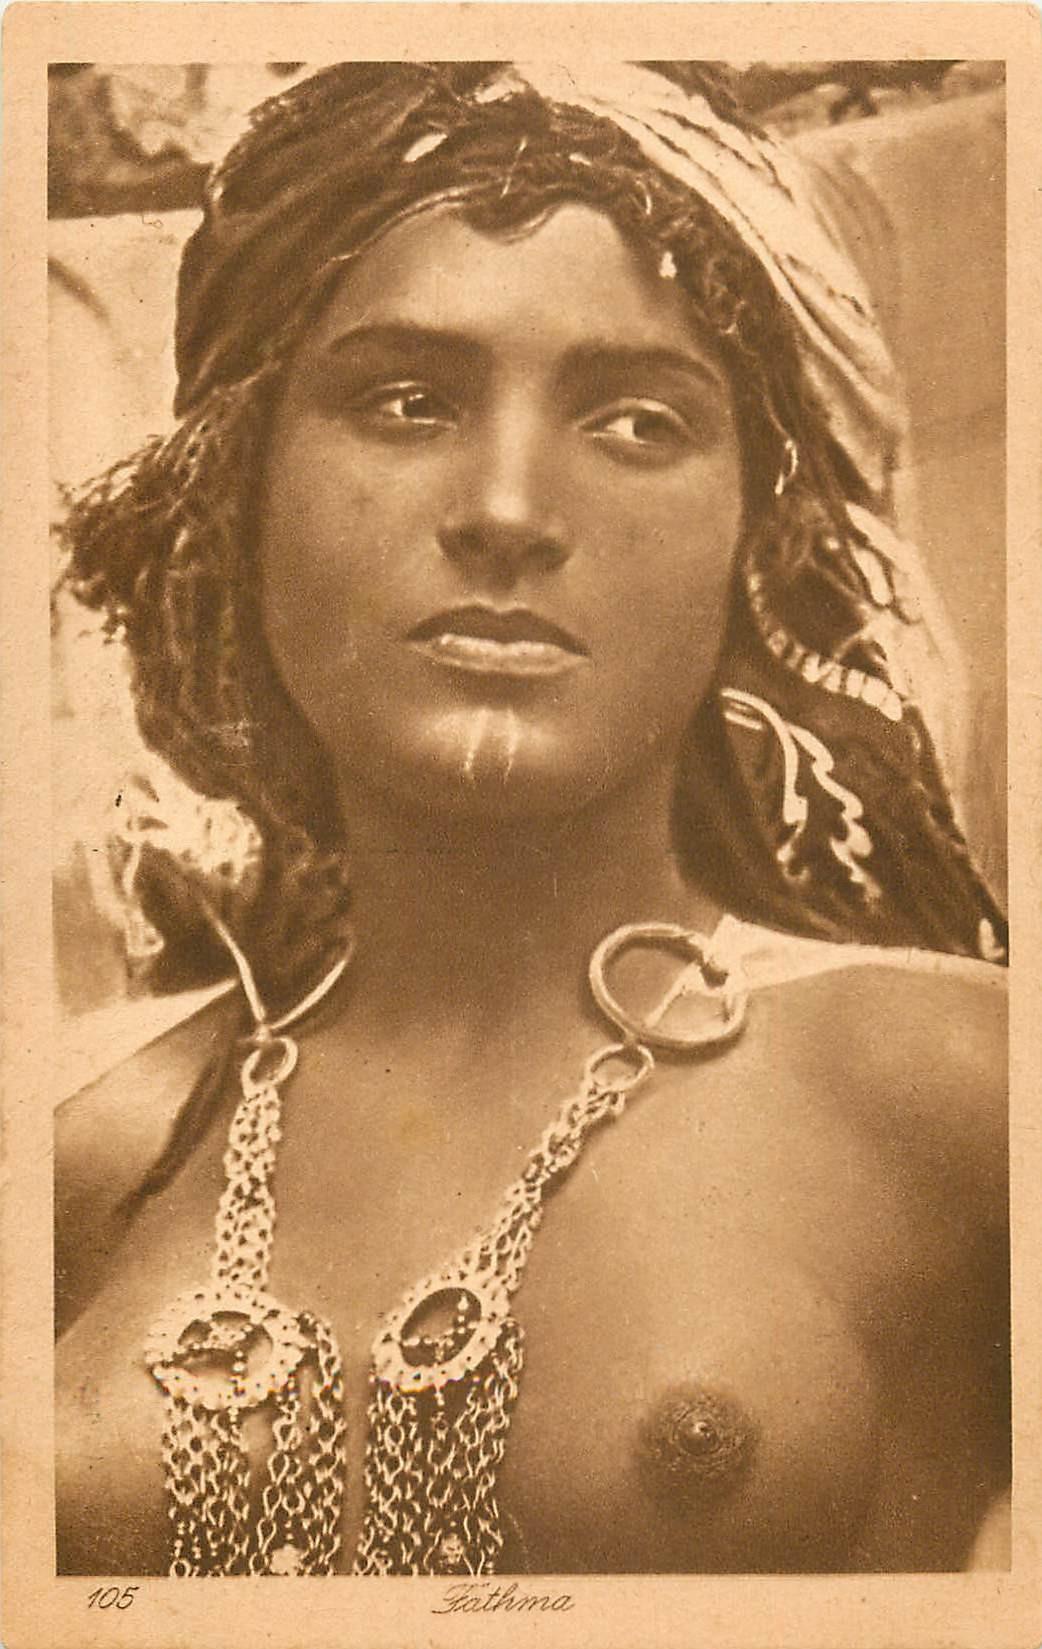 WW ALGERIE. Belle et jeune Fathma aux seins nus